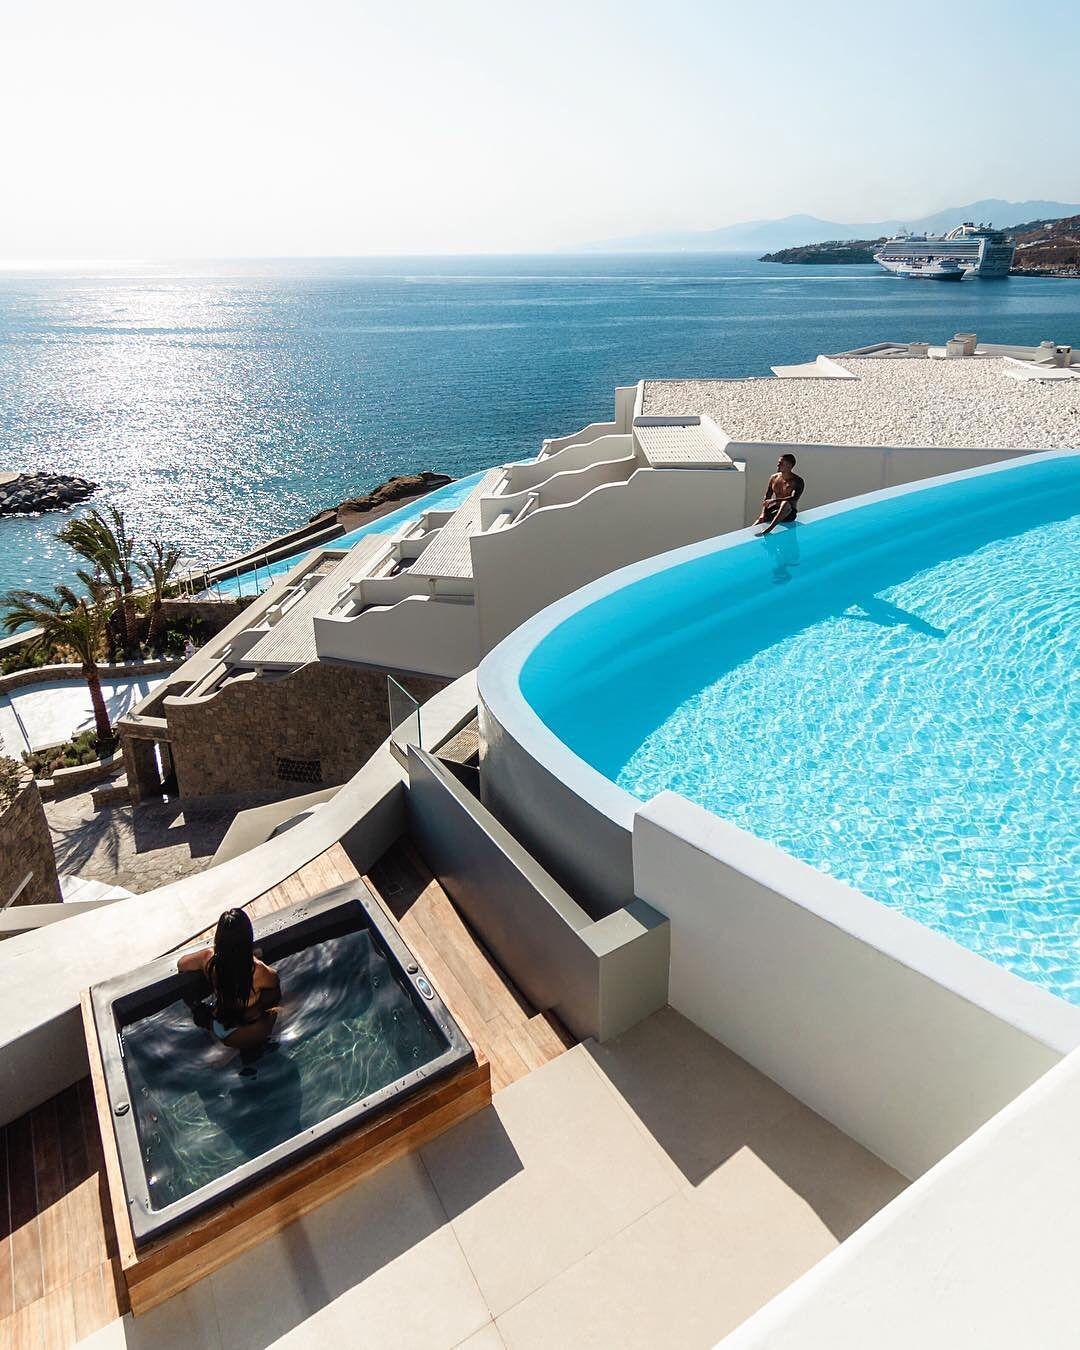 Lust Auf Das Vlt Beste Hotel In Griechenland Ab Ins Cavo Tagoo